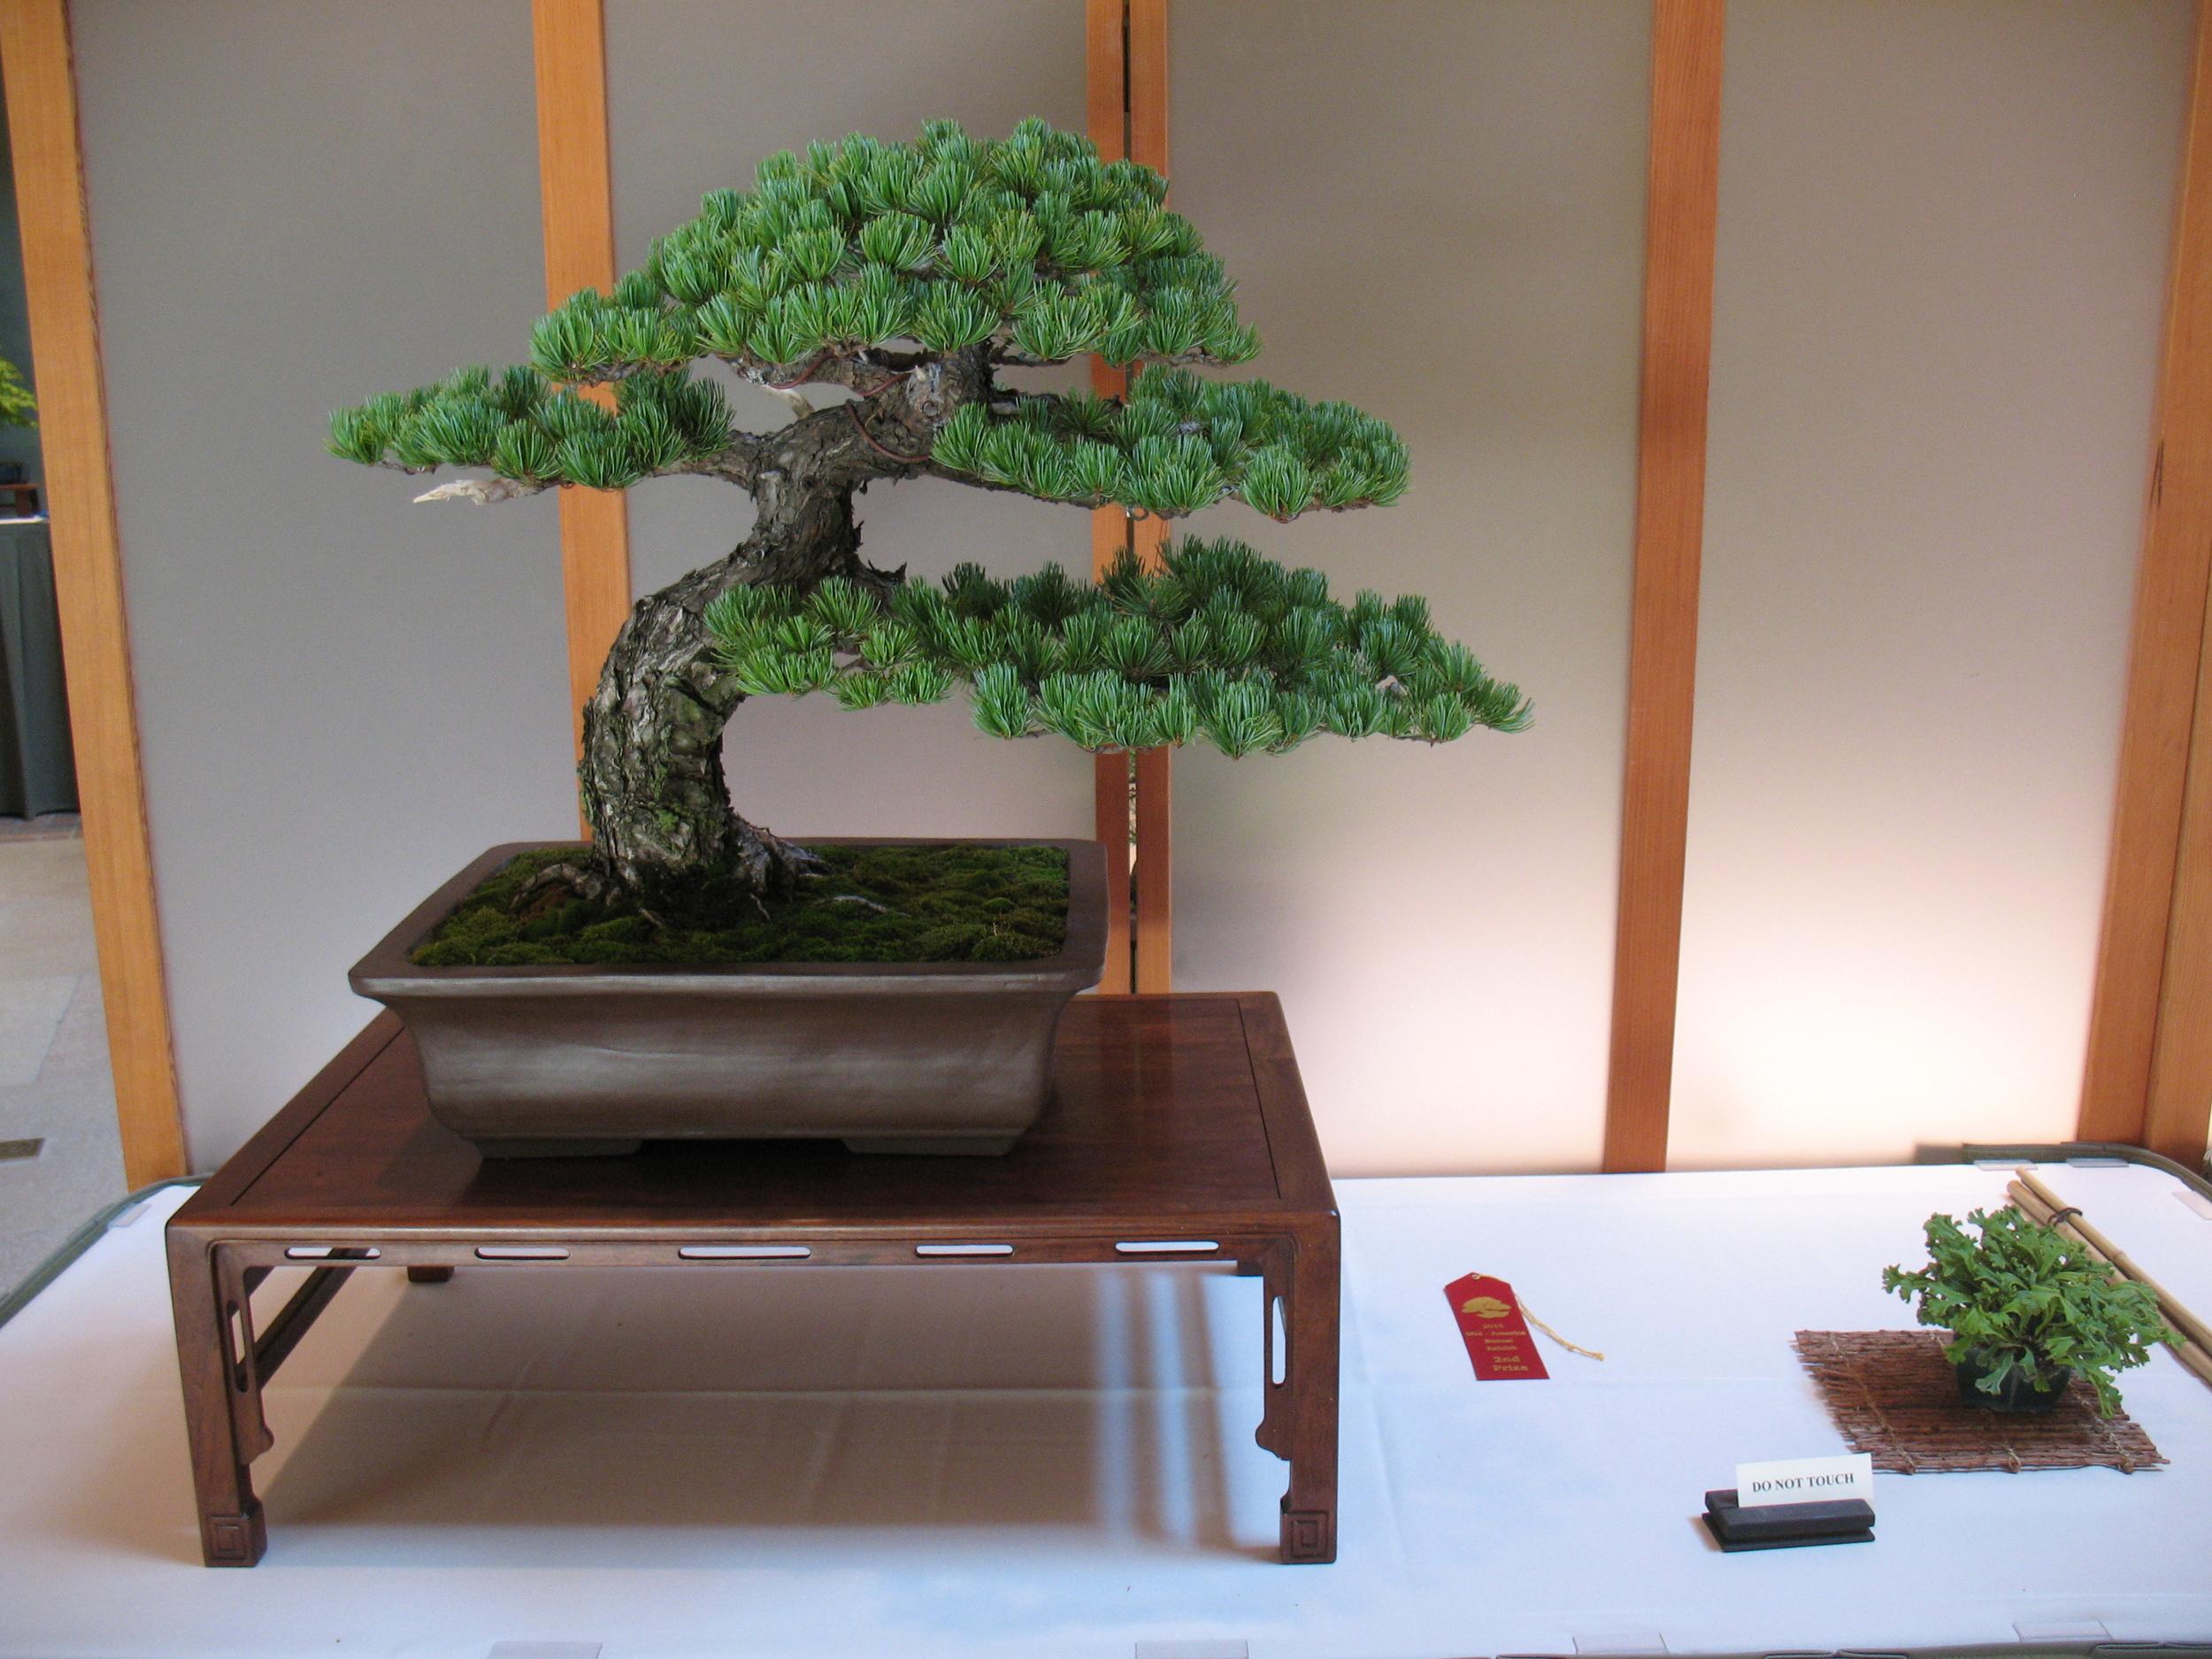 2015 Mid-America Exhibit - Open - Japanese White Pine